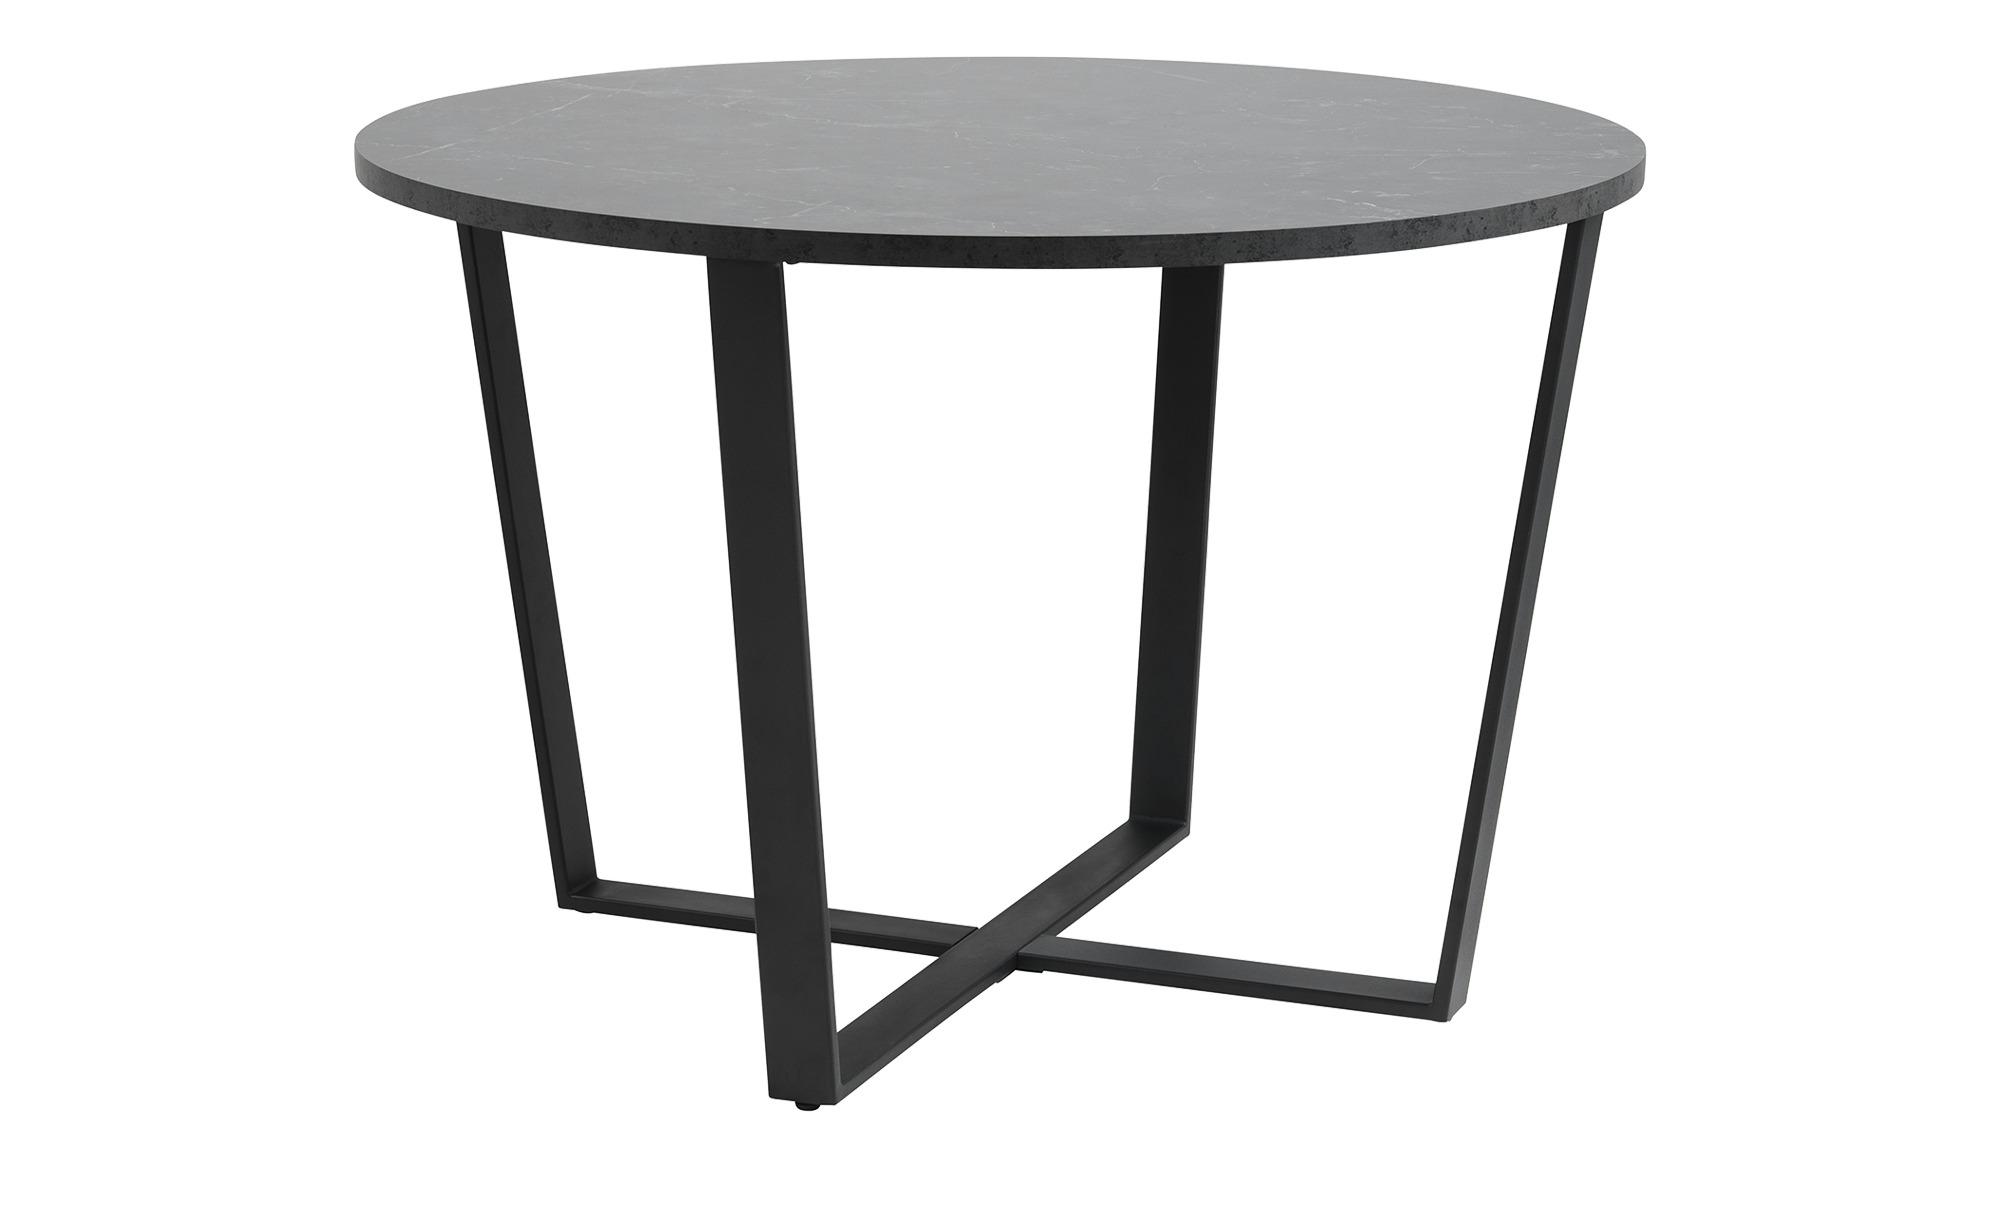 Esstisch  Adrian ¦ schwarz ¦ Maße (cm): H: 75 Ø: 110 Tische > Esstische > Esstische rund - Höffner